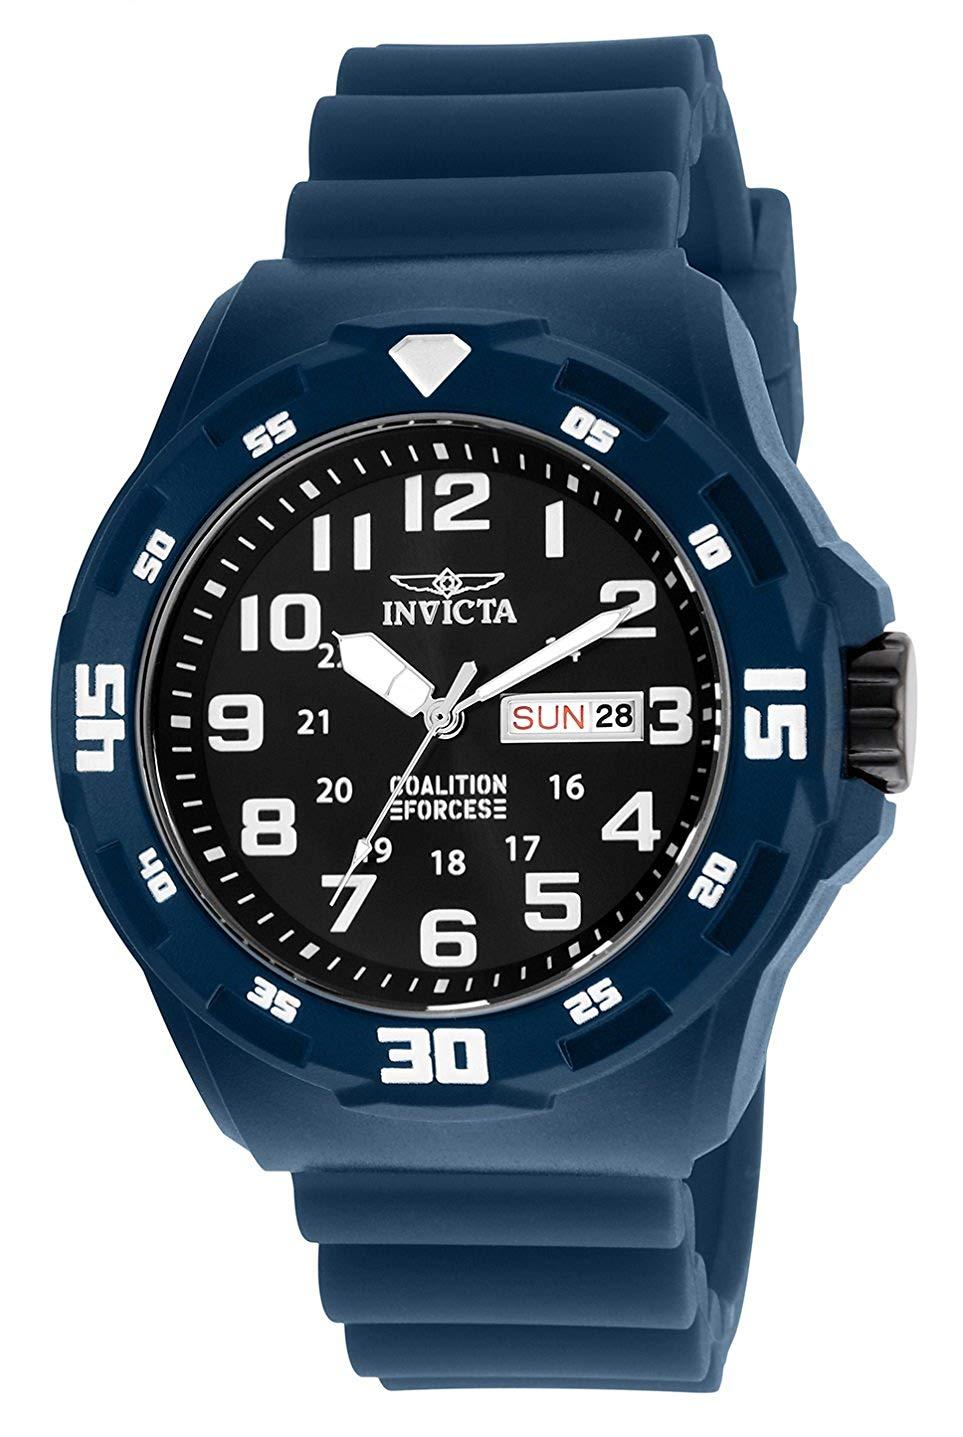 インヴィクタ インビクタ フォース 腕時計 メンズ Invicta Men's Coalition Forces Stainless Steel Quartz Watch with Silicone Strap, Blue, 18 (Model: 25324インヴィクタ インビクタ フォース 腕時計 メンズ